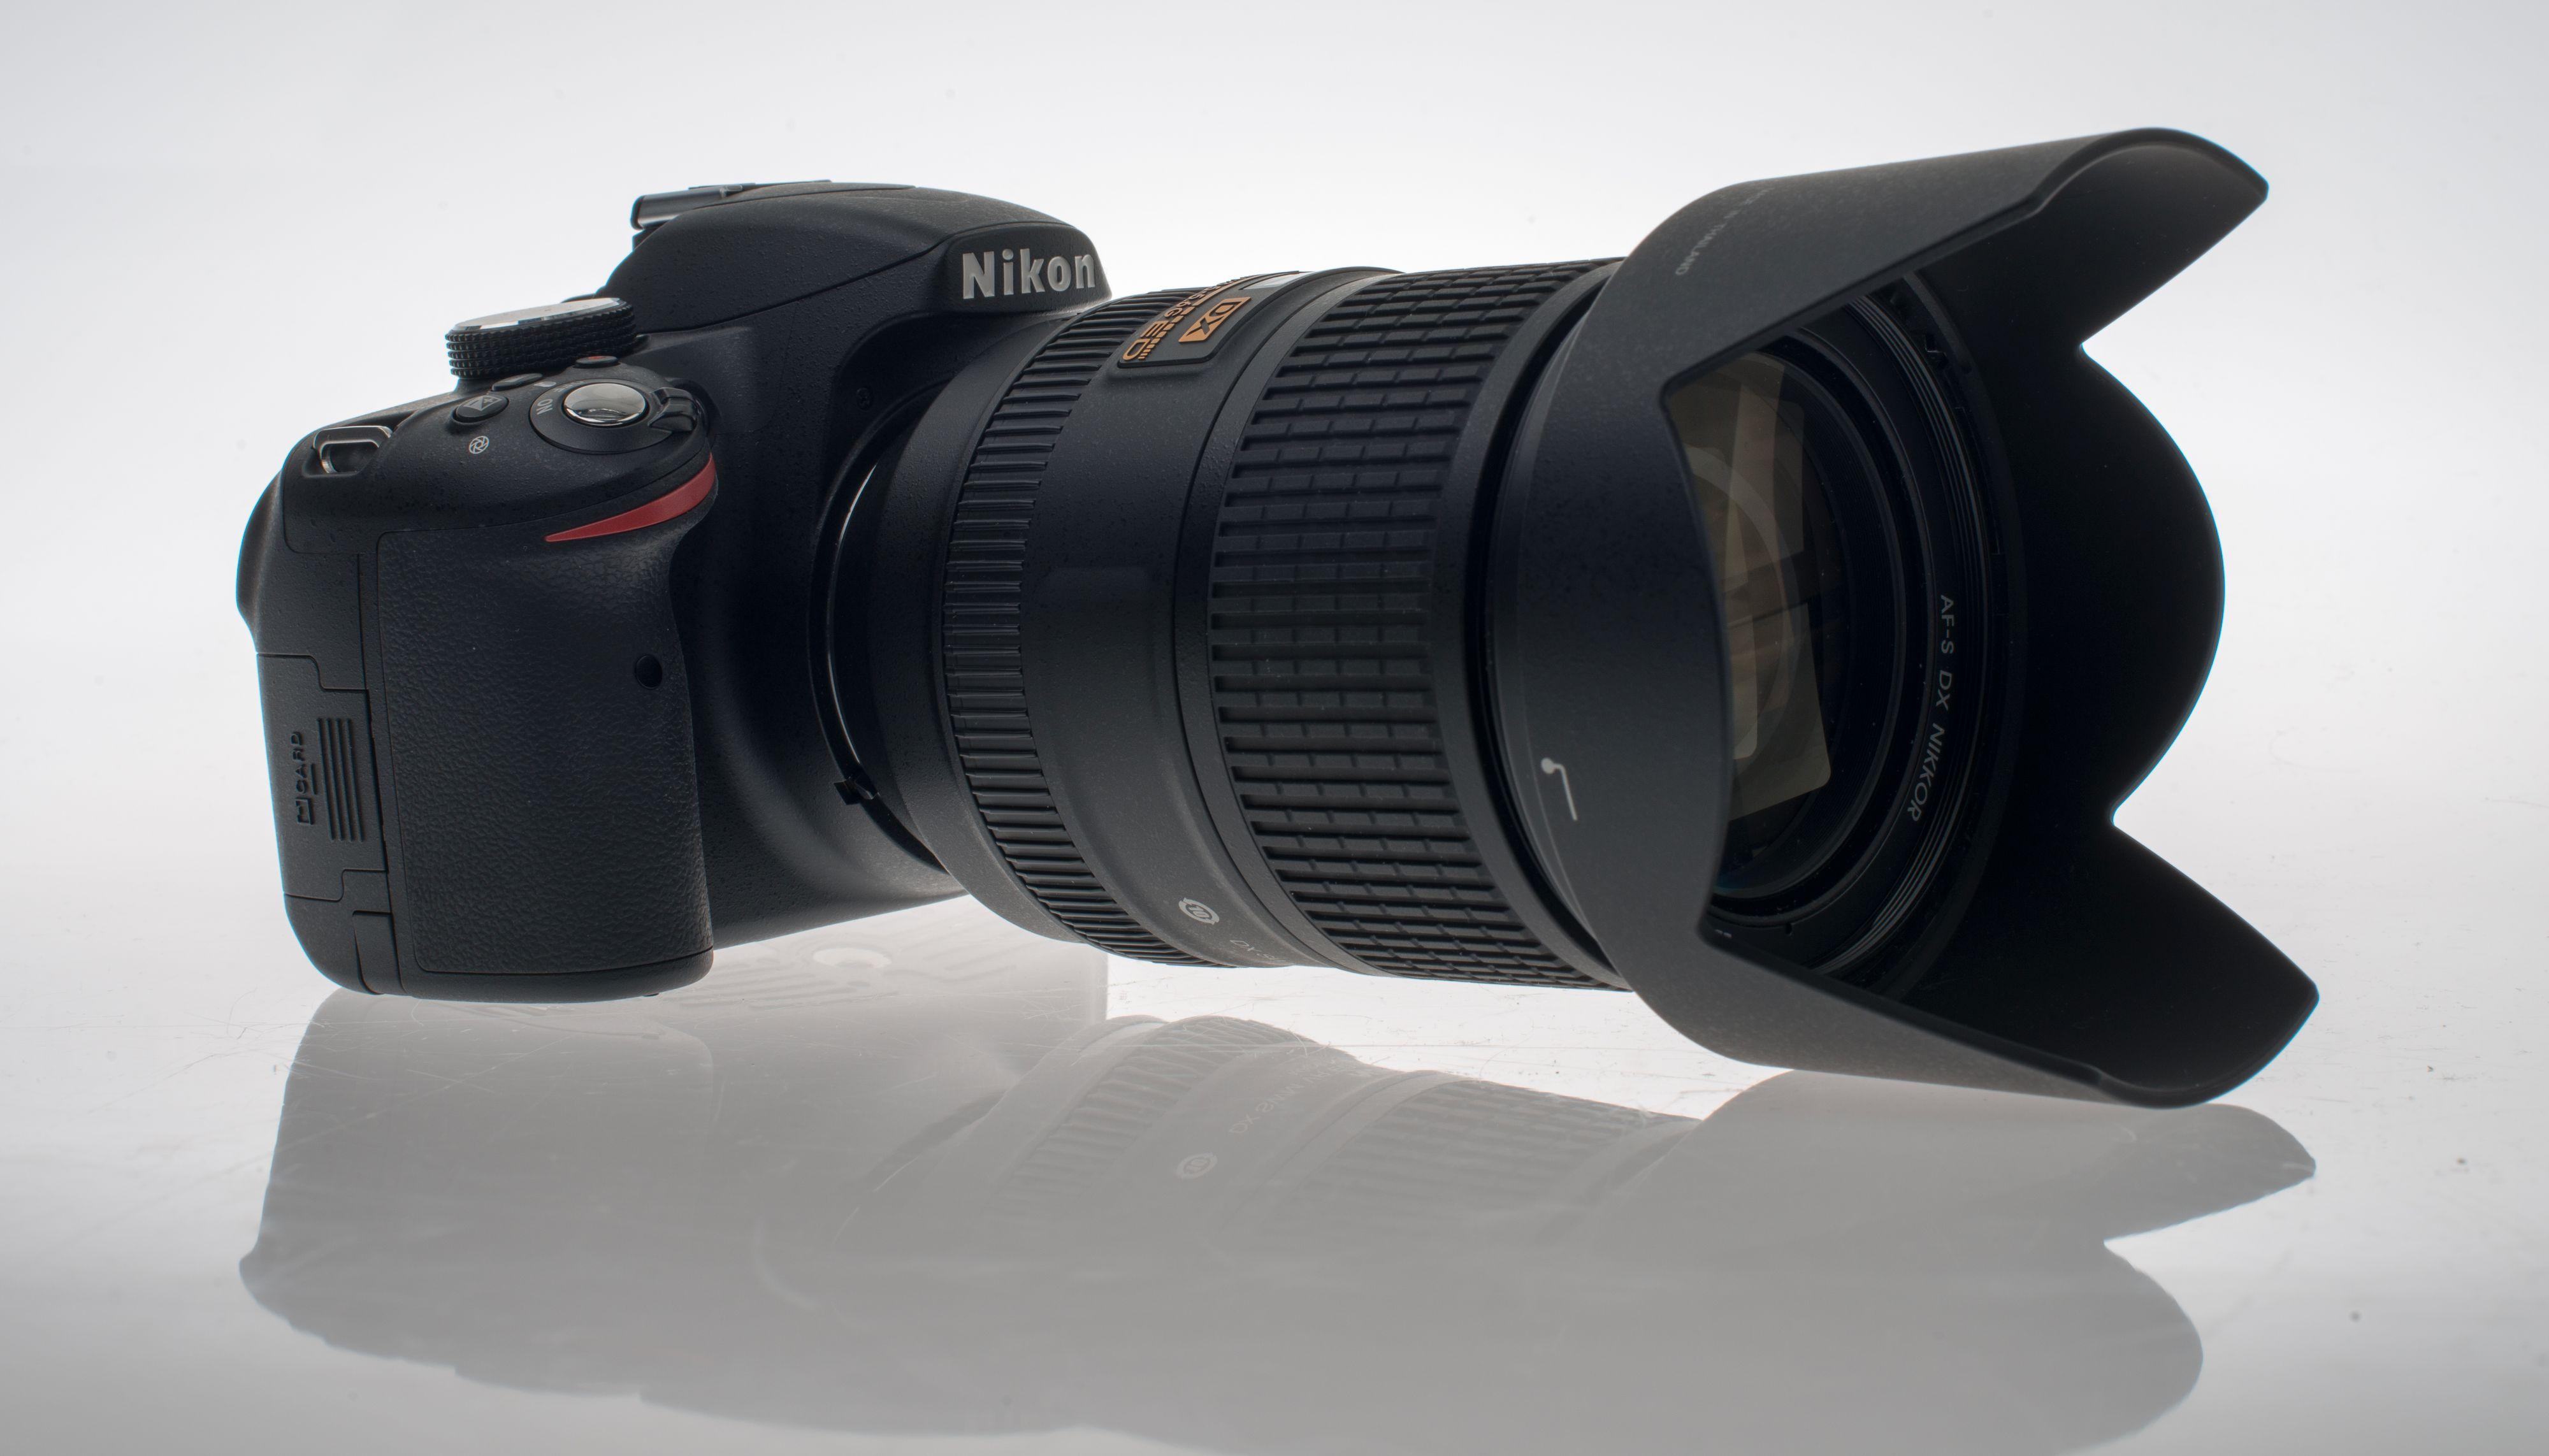 Nikon D3200 og 18 - 300 mm.Foto: Eivind Hauger, Akam.no